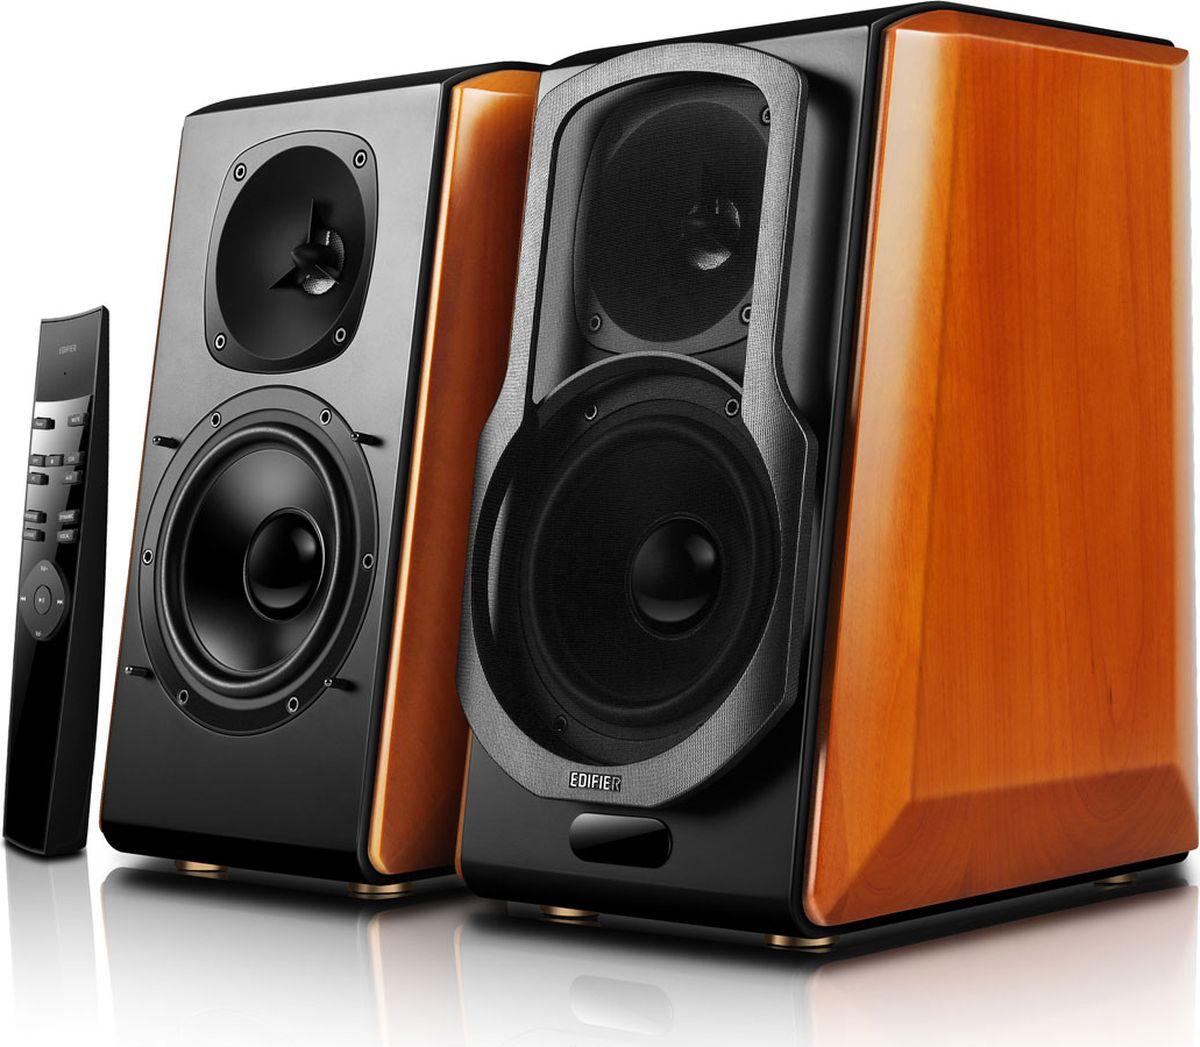 Edifier S2000 Pro акустическая системаS2000 ProКолонки Edifier S2000 Pro RMS 12Вт ? 2 (ВЧ) + 50Вт ? 2 (СЧ-НЧ), PC / AUX / оптический / коаксиальный, Поддержка Bluetooth: версия 4.0